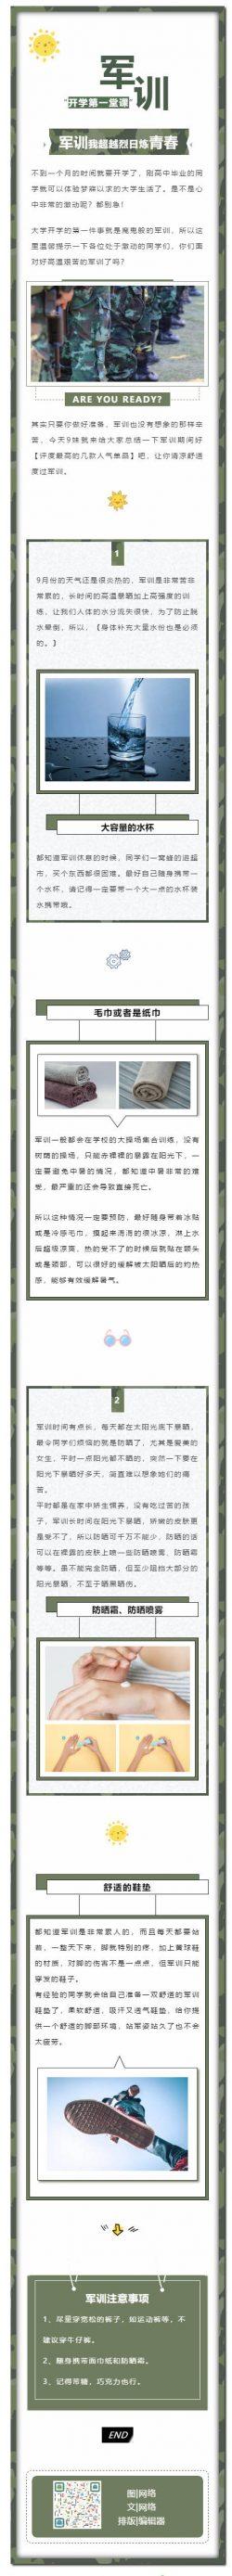 军训军人绿色风格模板军队学校开学微信公众号推文模板推送素材